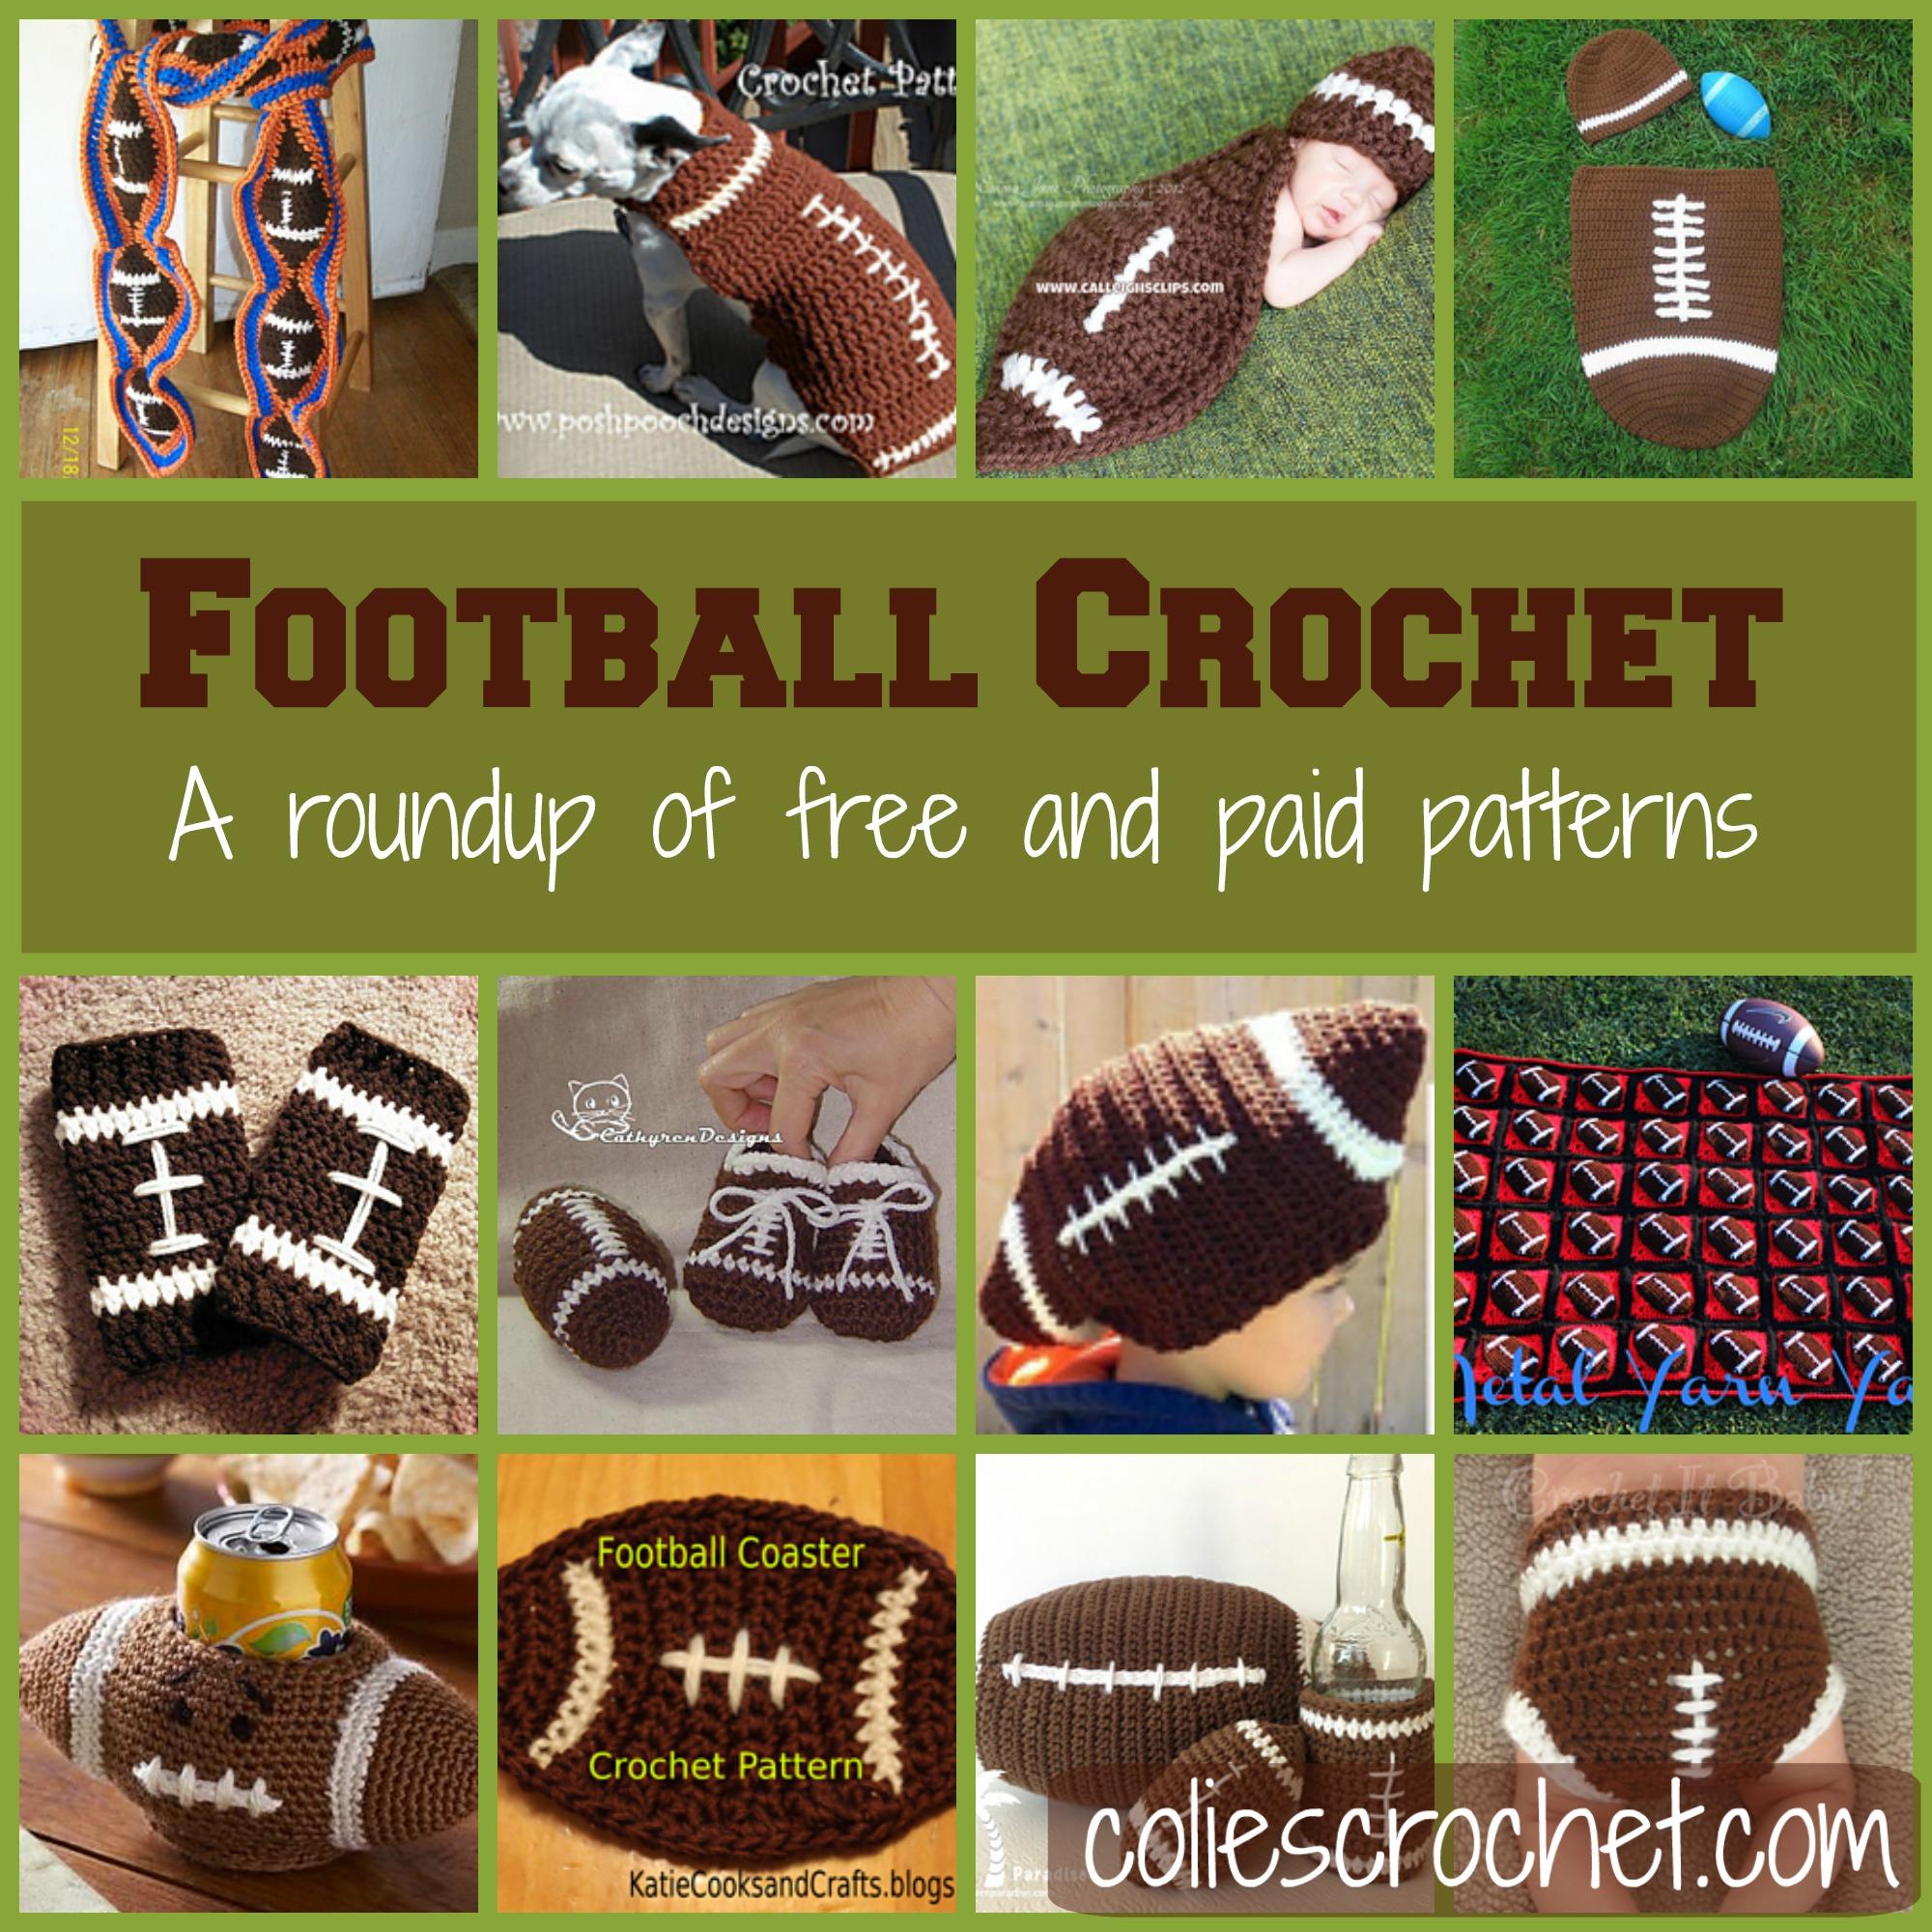 Colies Crochet Crocheted Cuteness